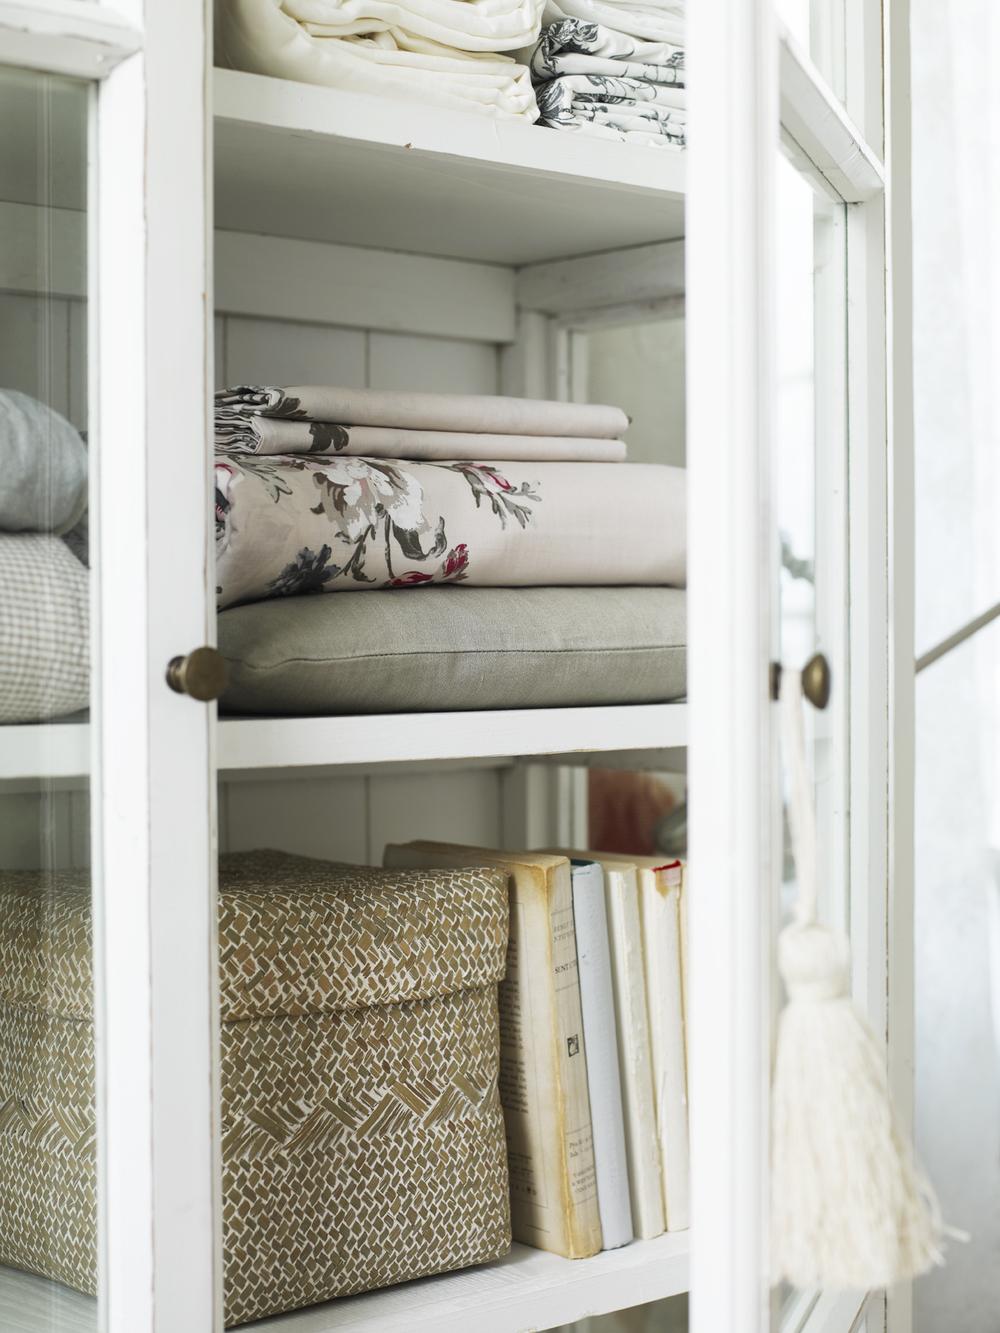 Använd ett snyggt vitrinskåp till förvaring av böcker, lådor, plädar...